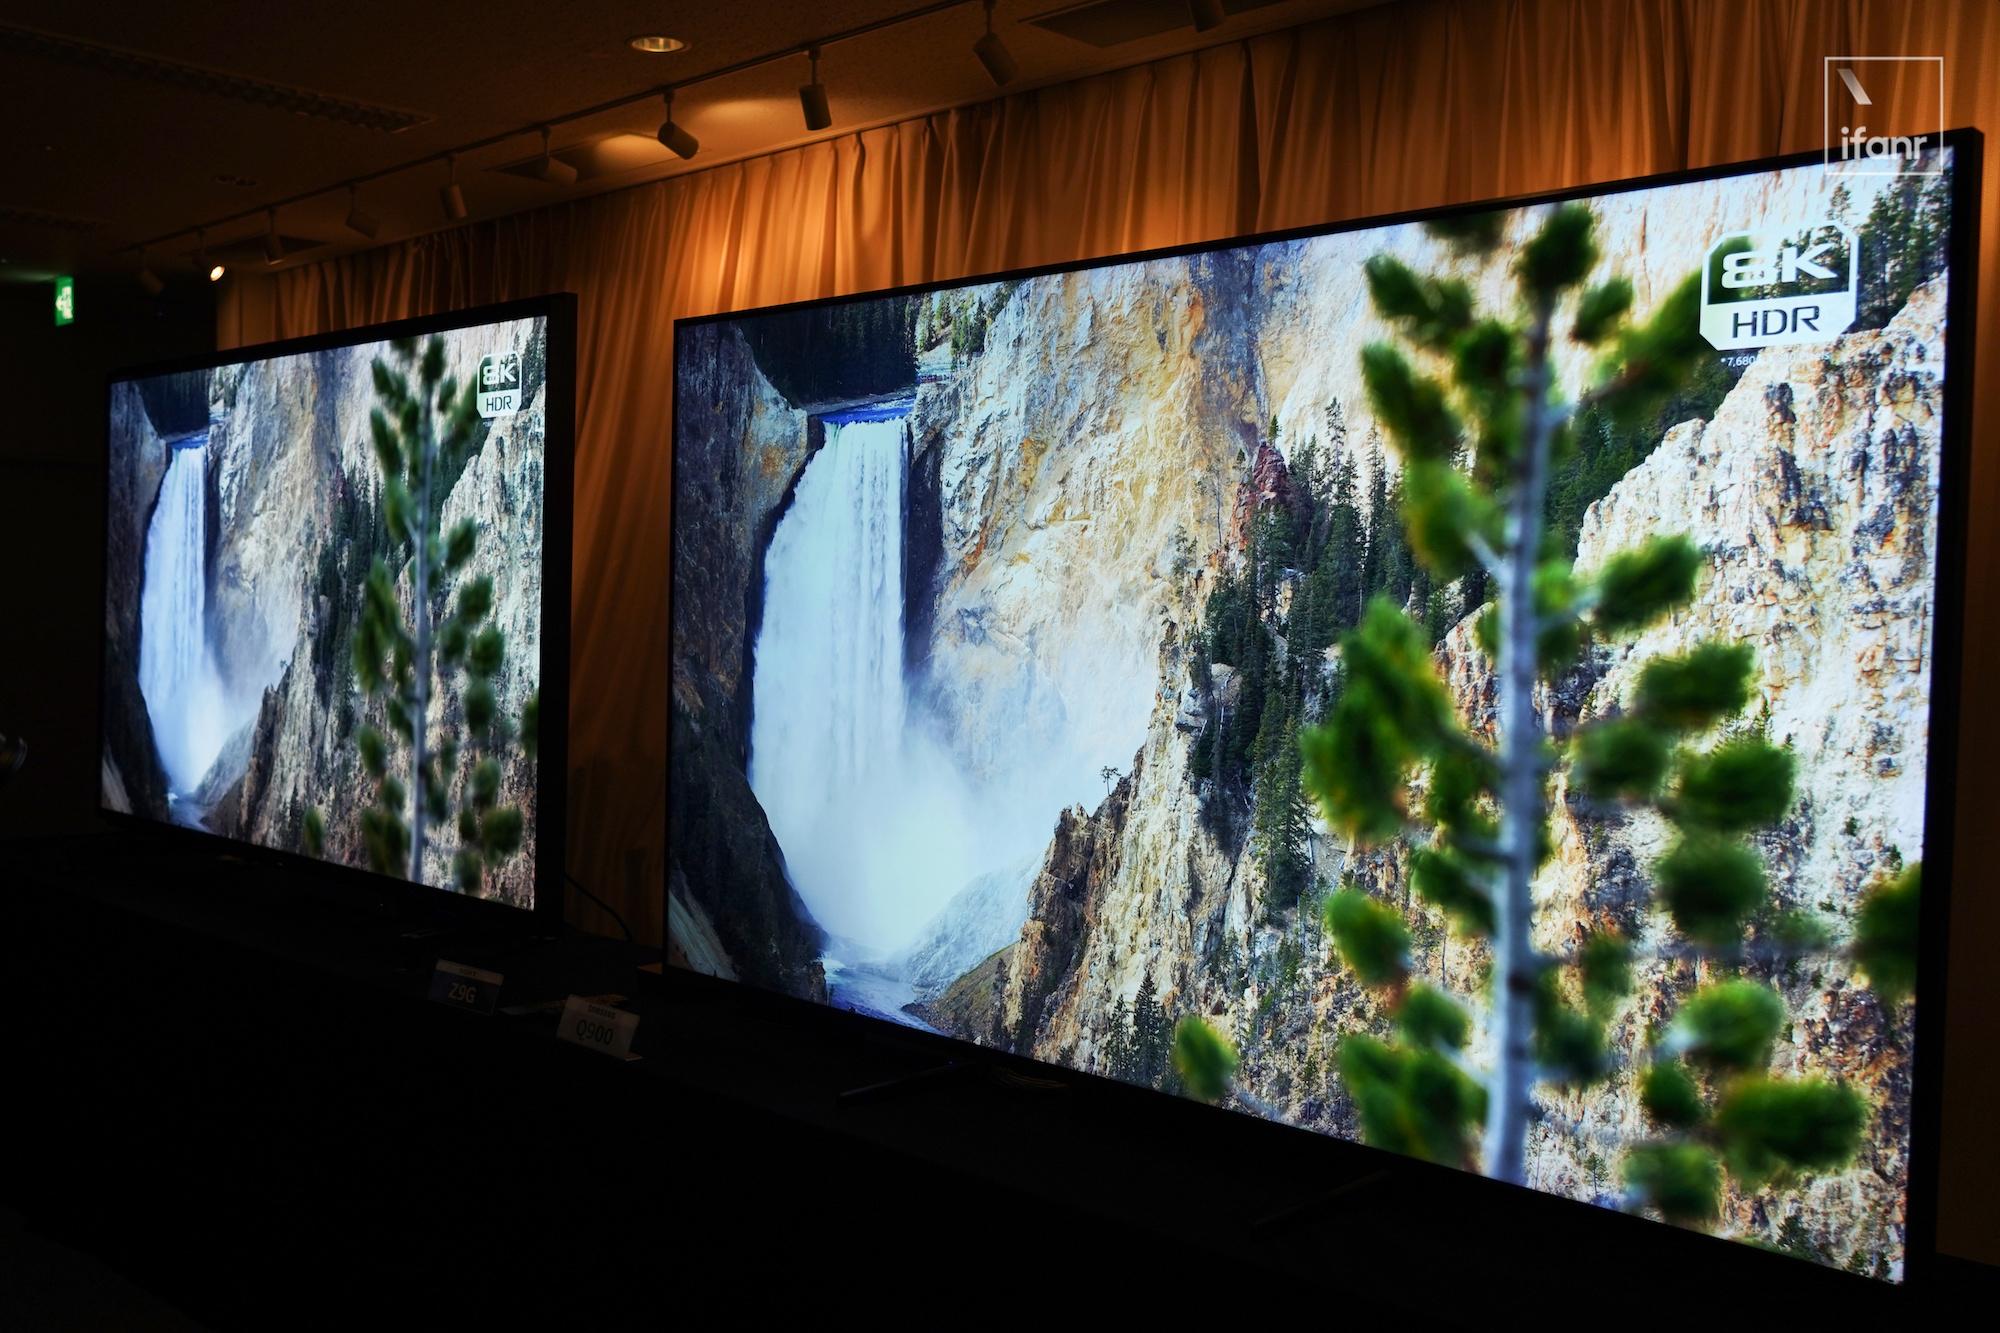 我们在索尼总部体验了 8K 电视,发现画质改变生活的 3 个重要细节